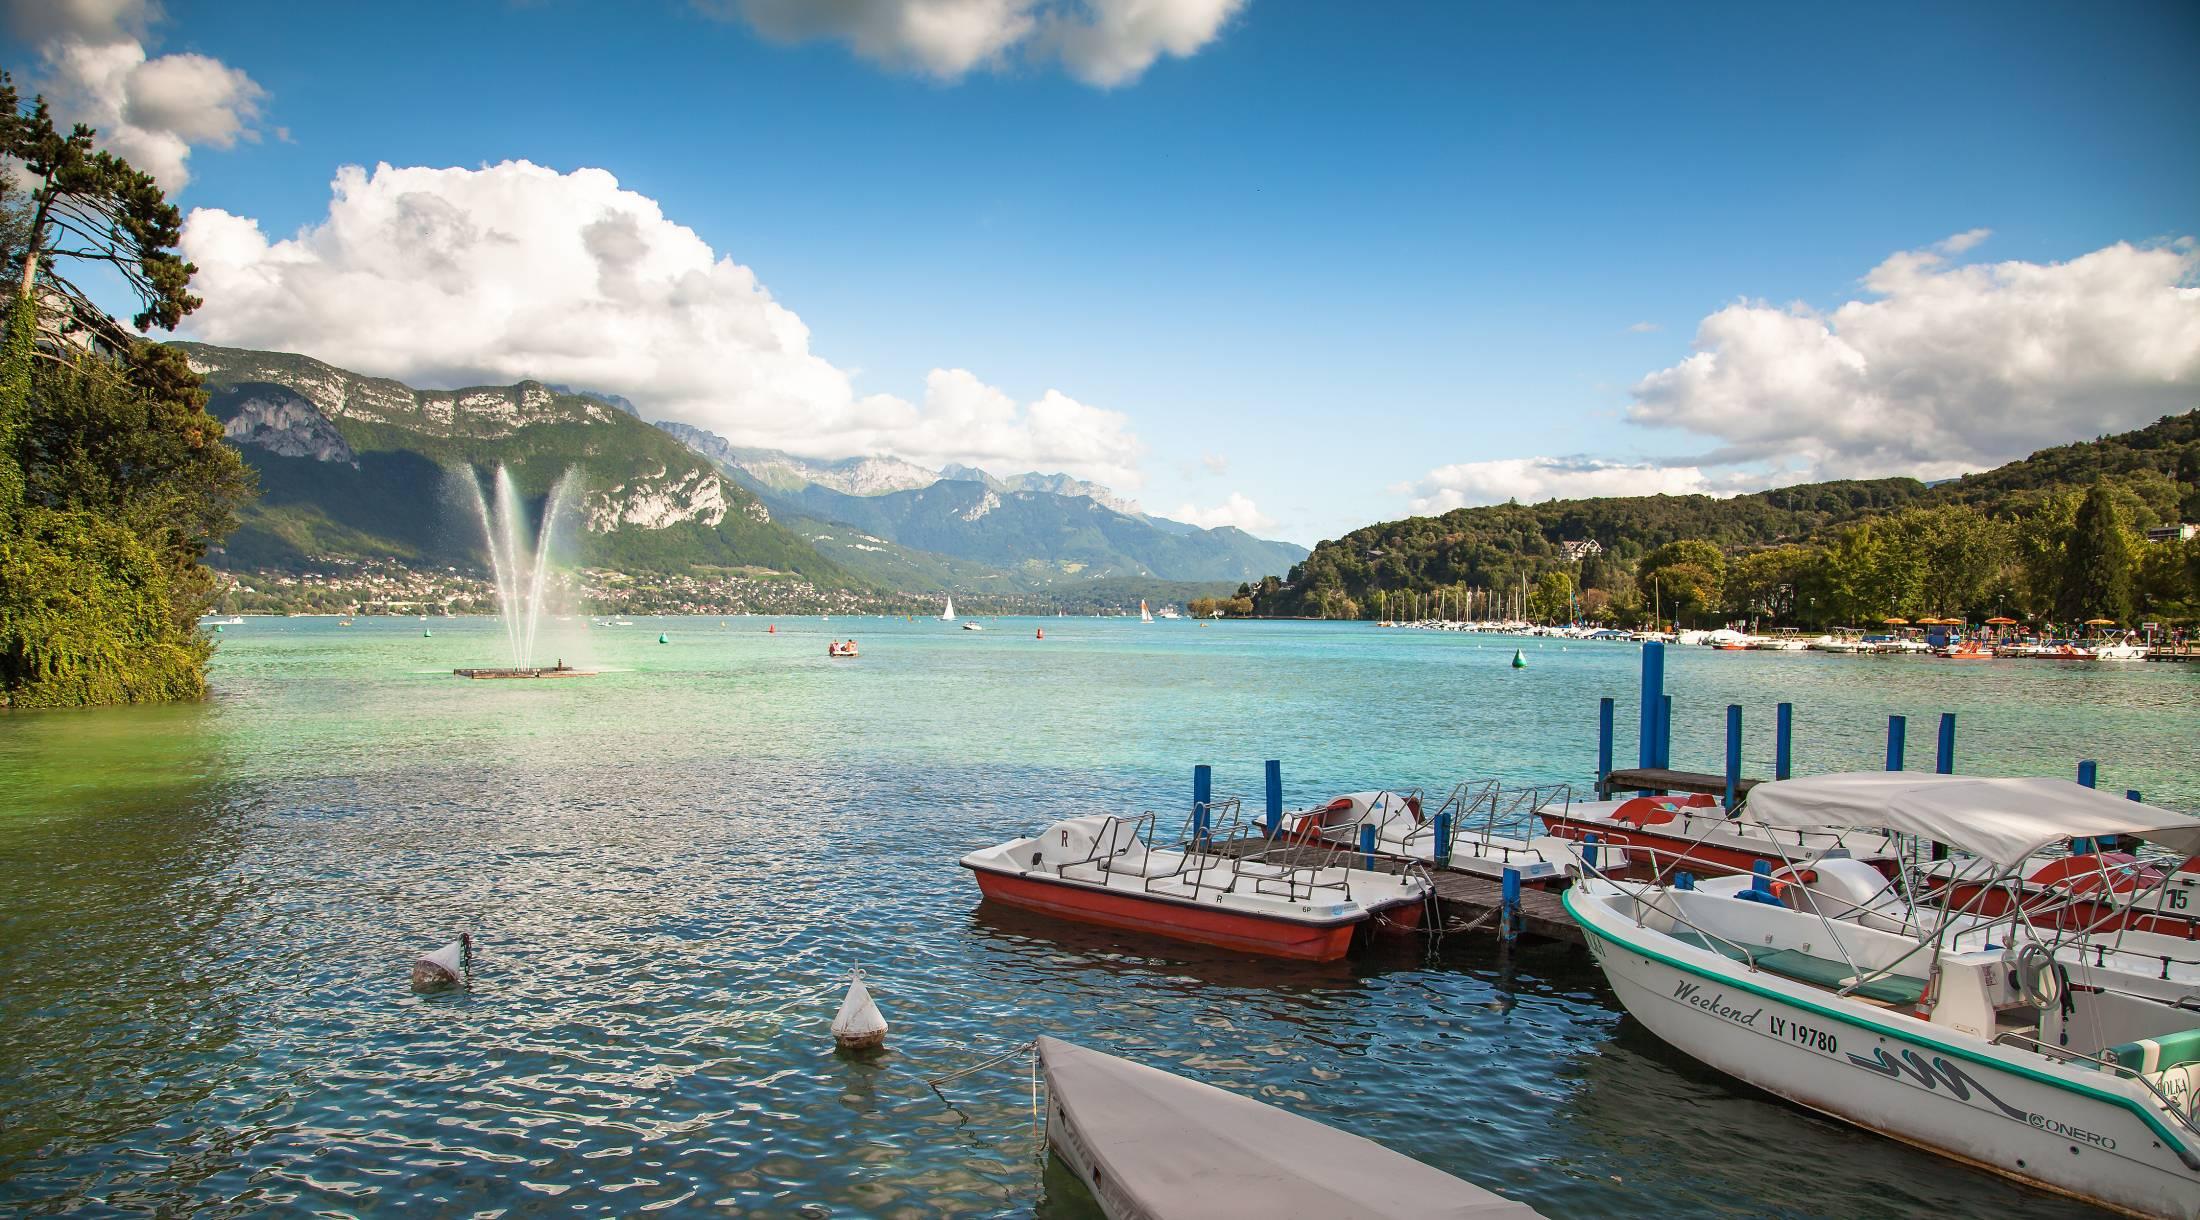 Balade sur le lac d'Annecy